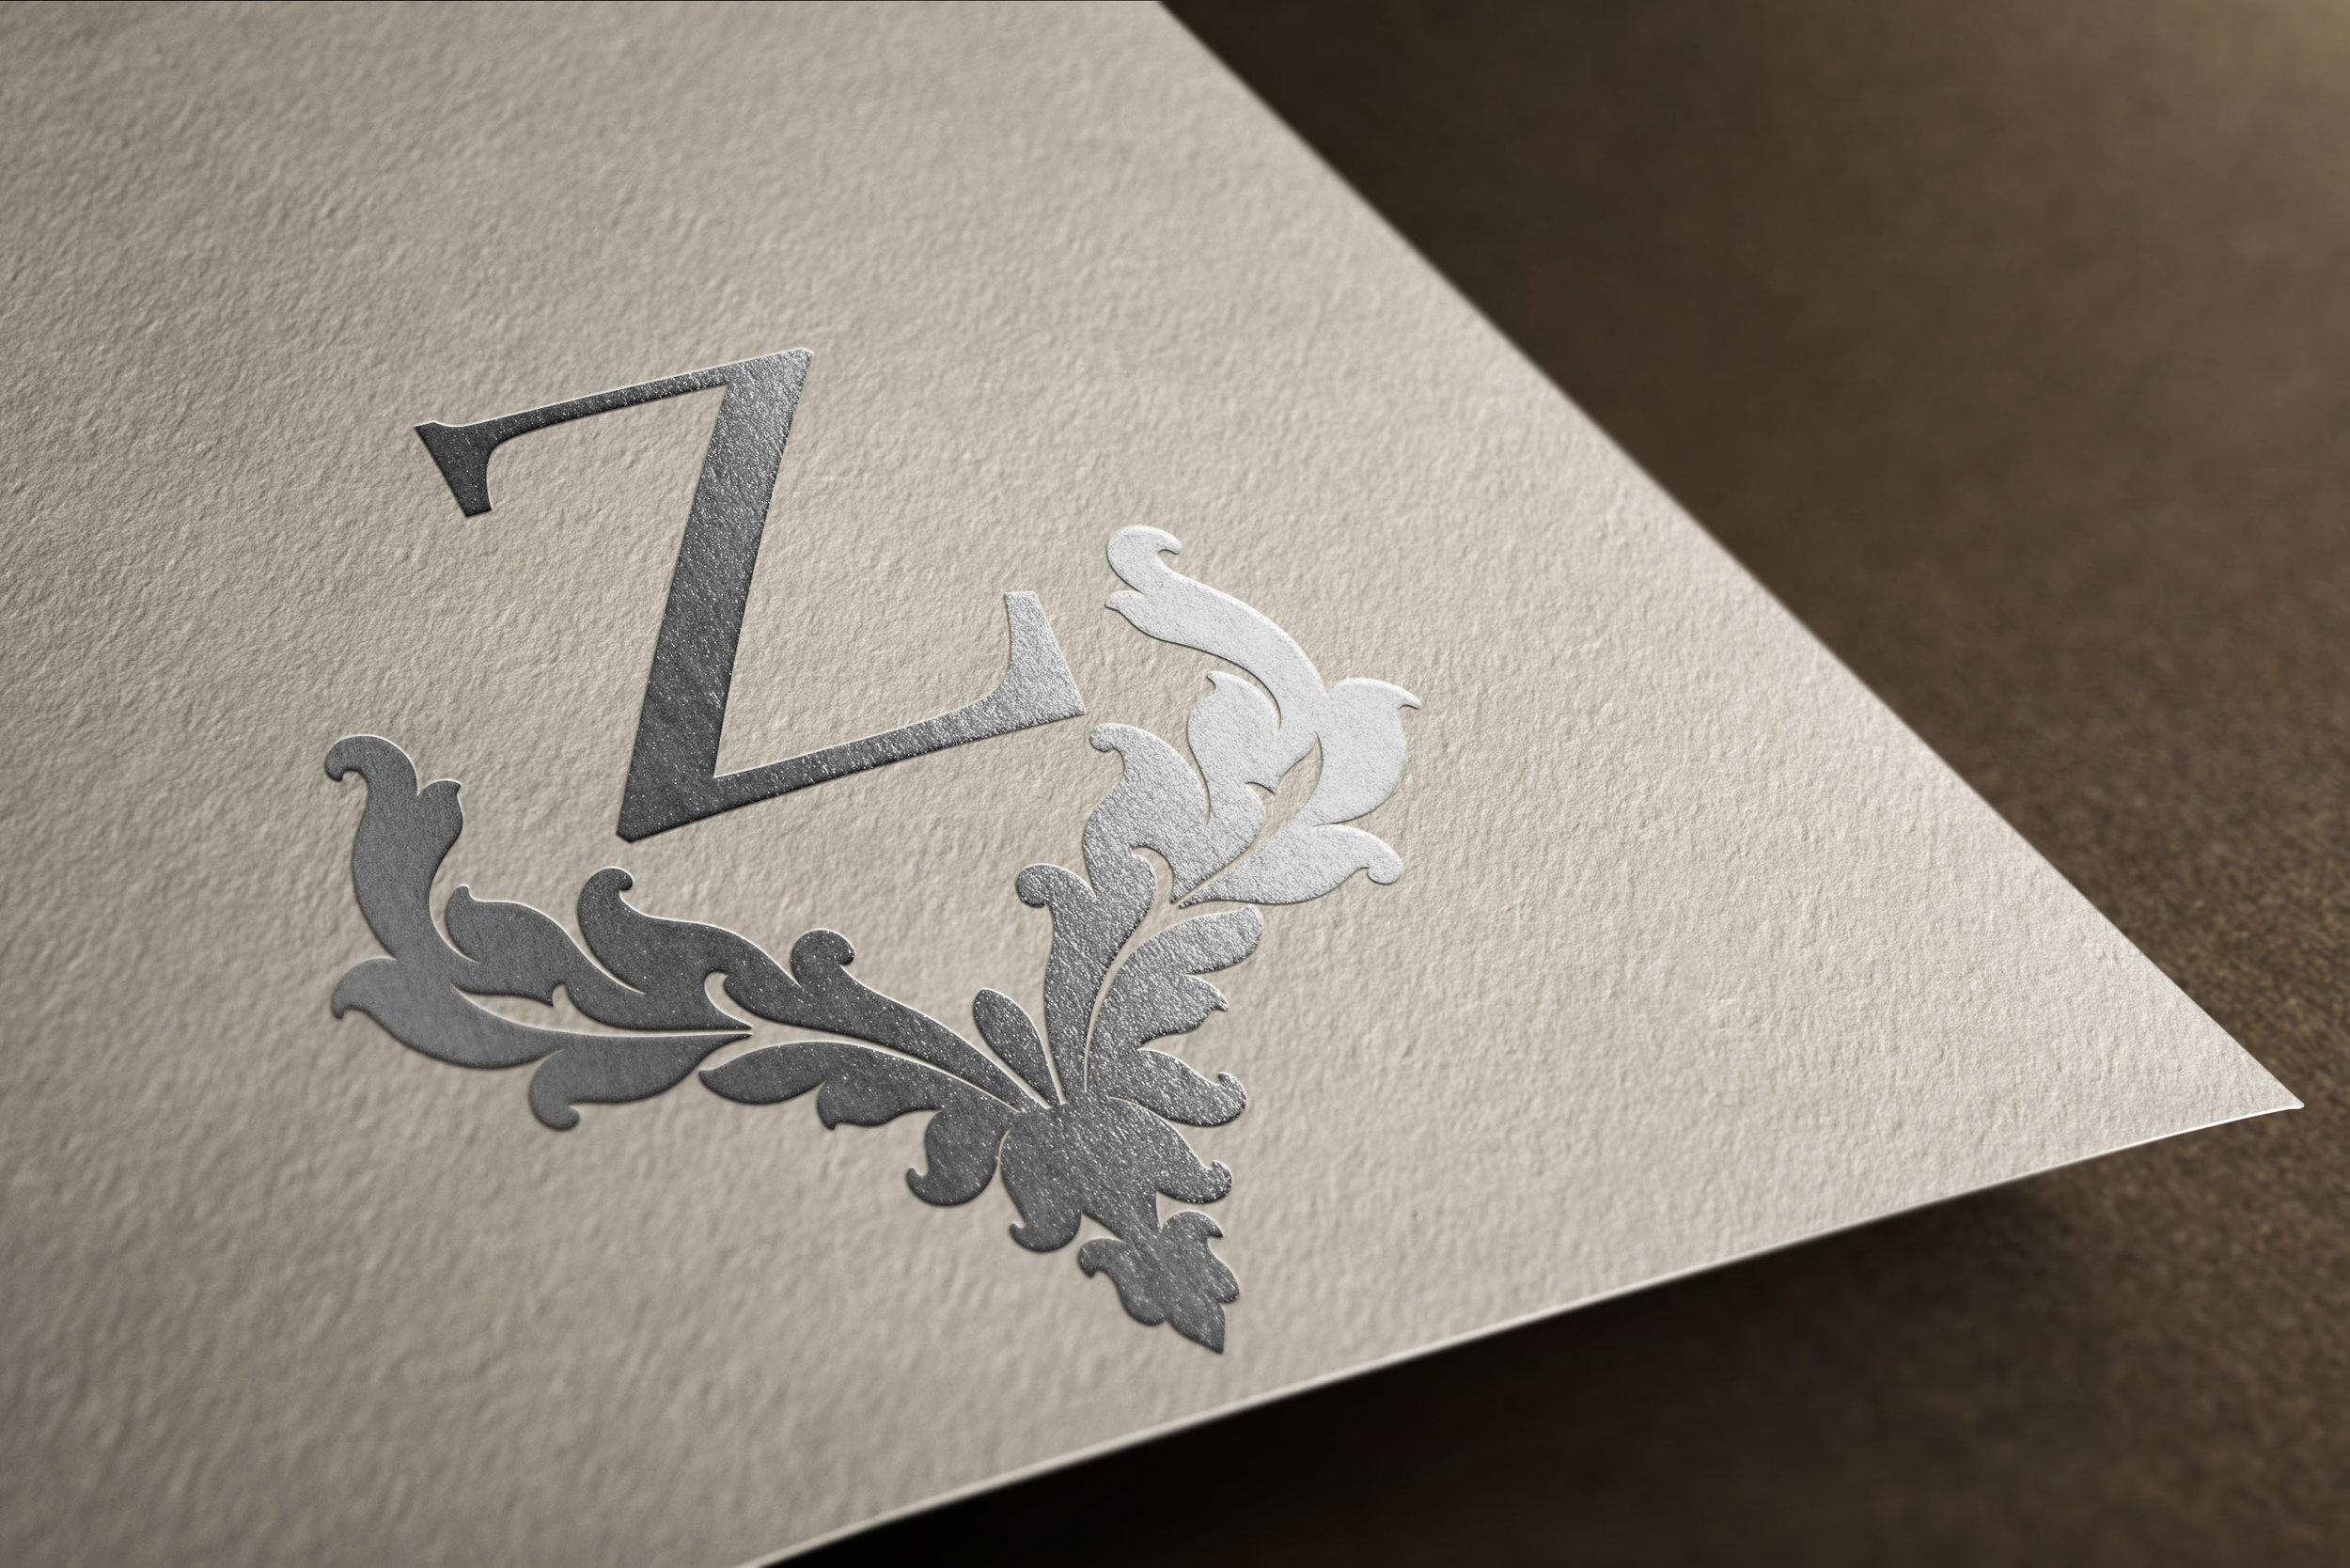 Zola_01-logo-mockup.jpg